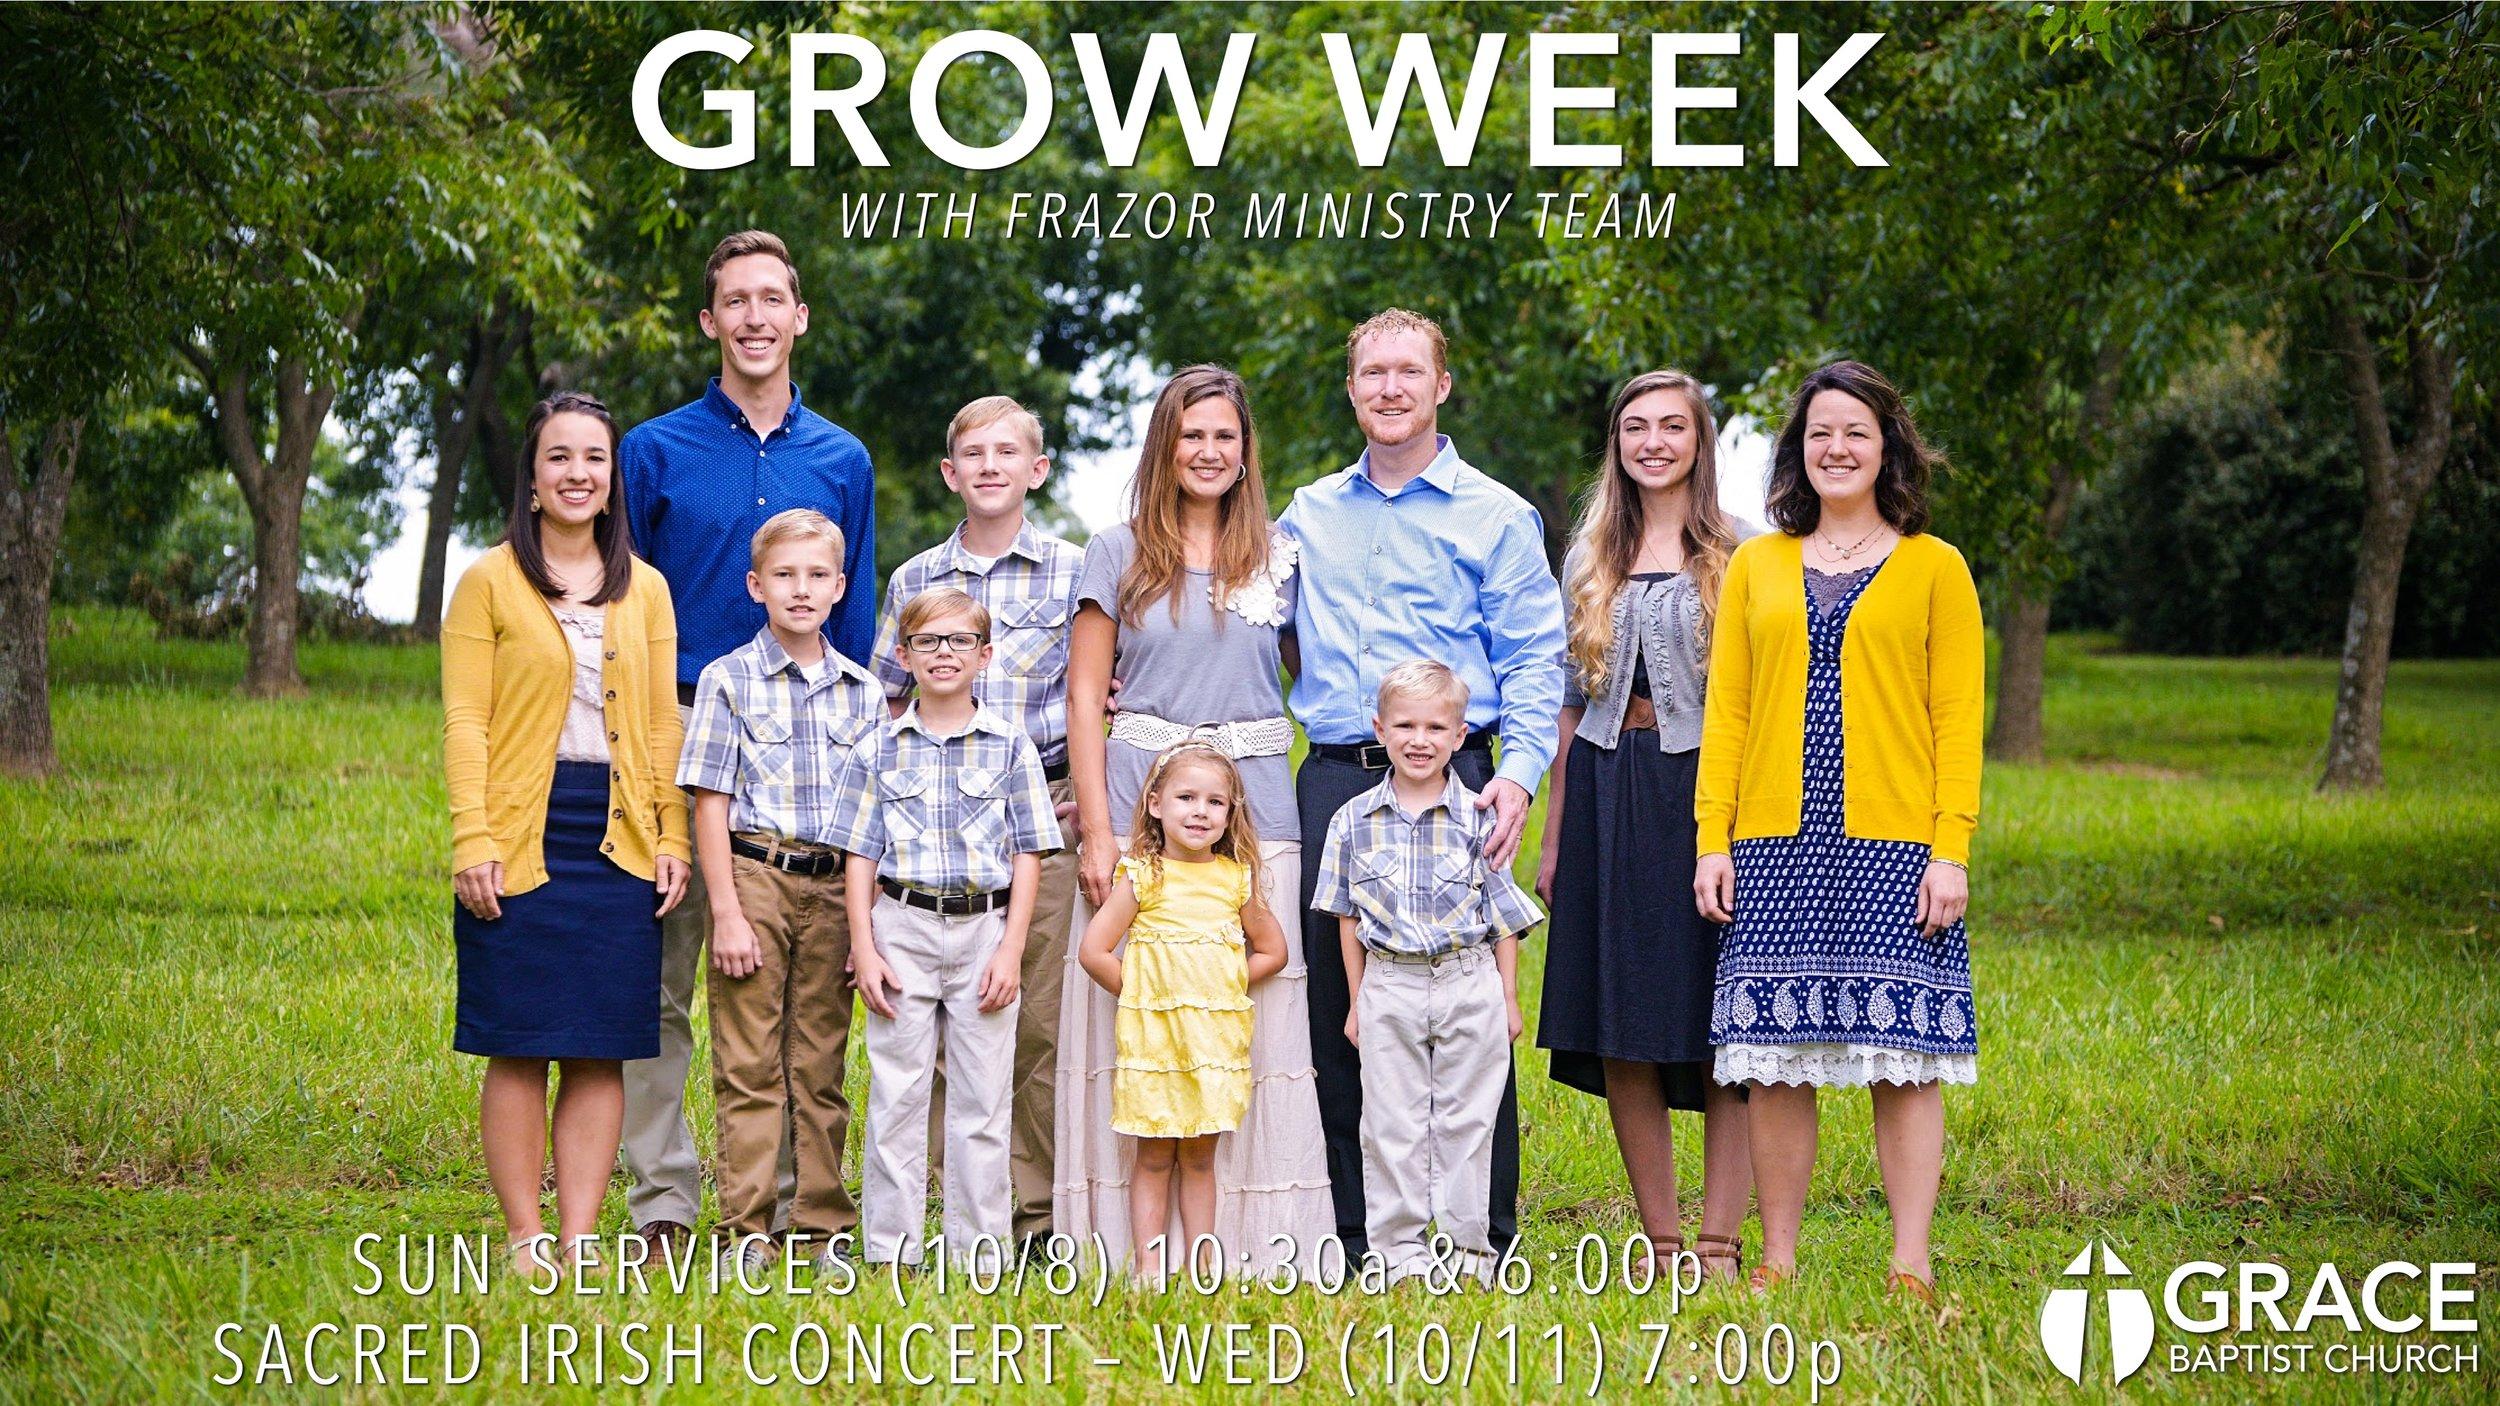 GROW WEEK Advert.jpg